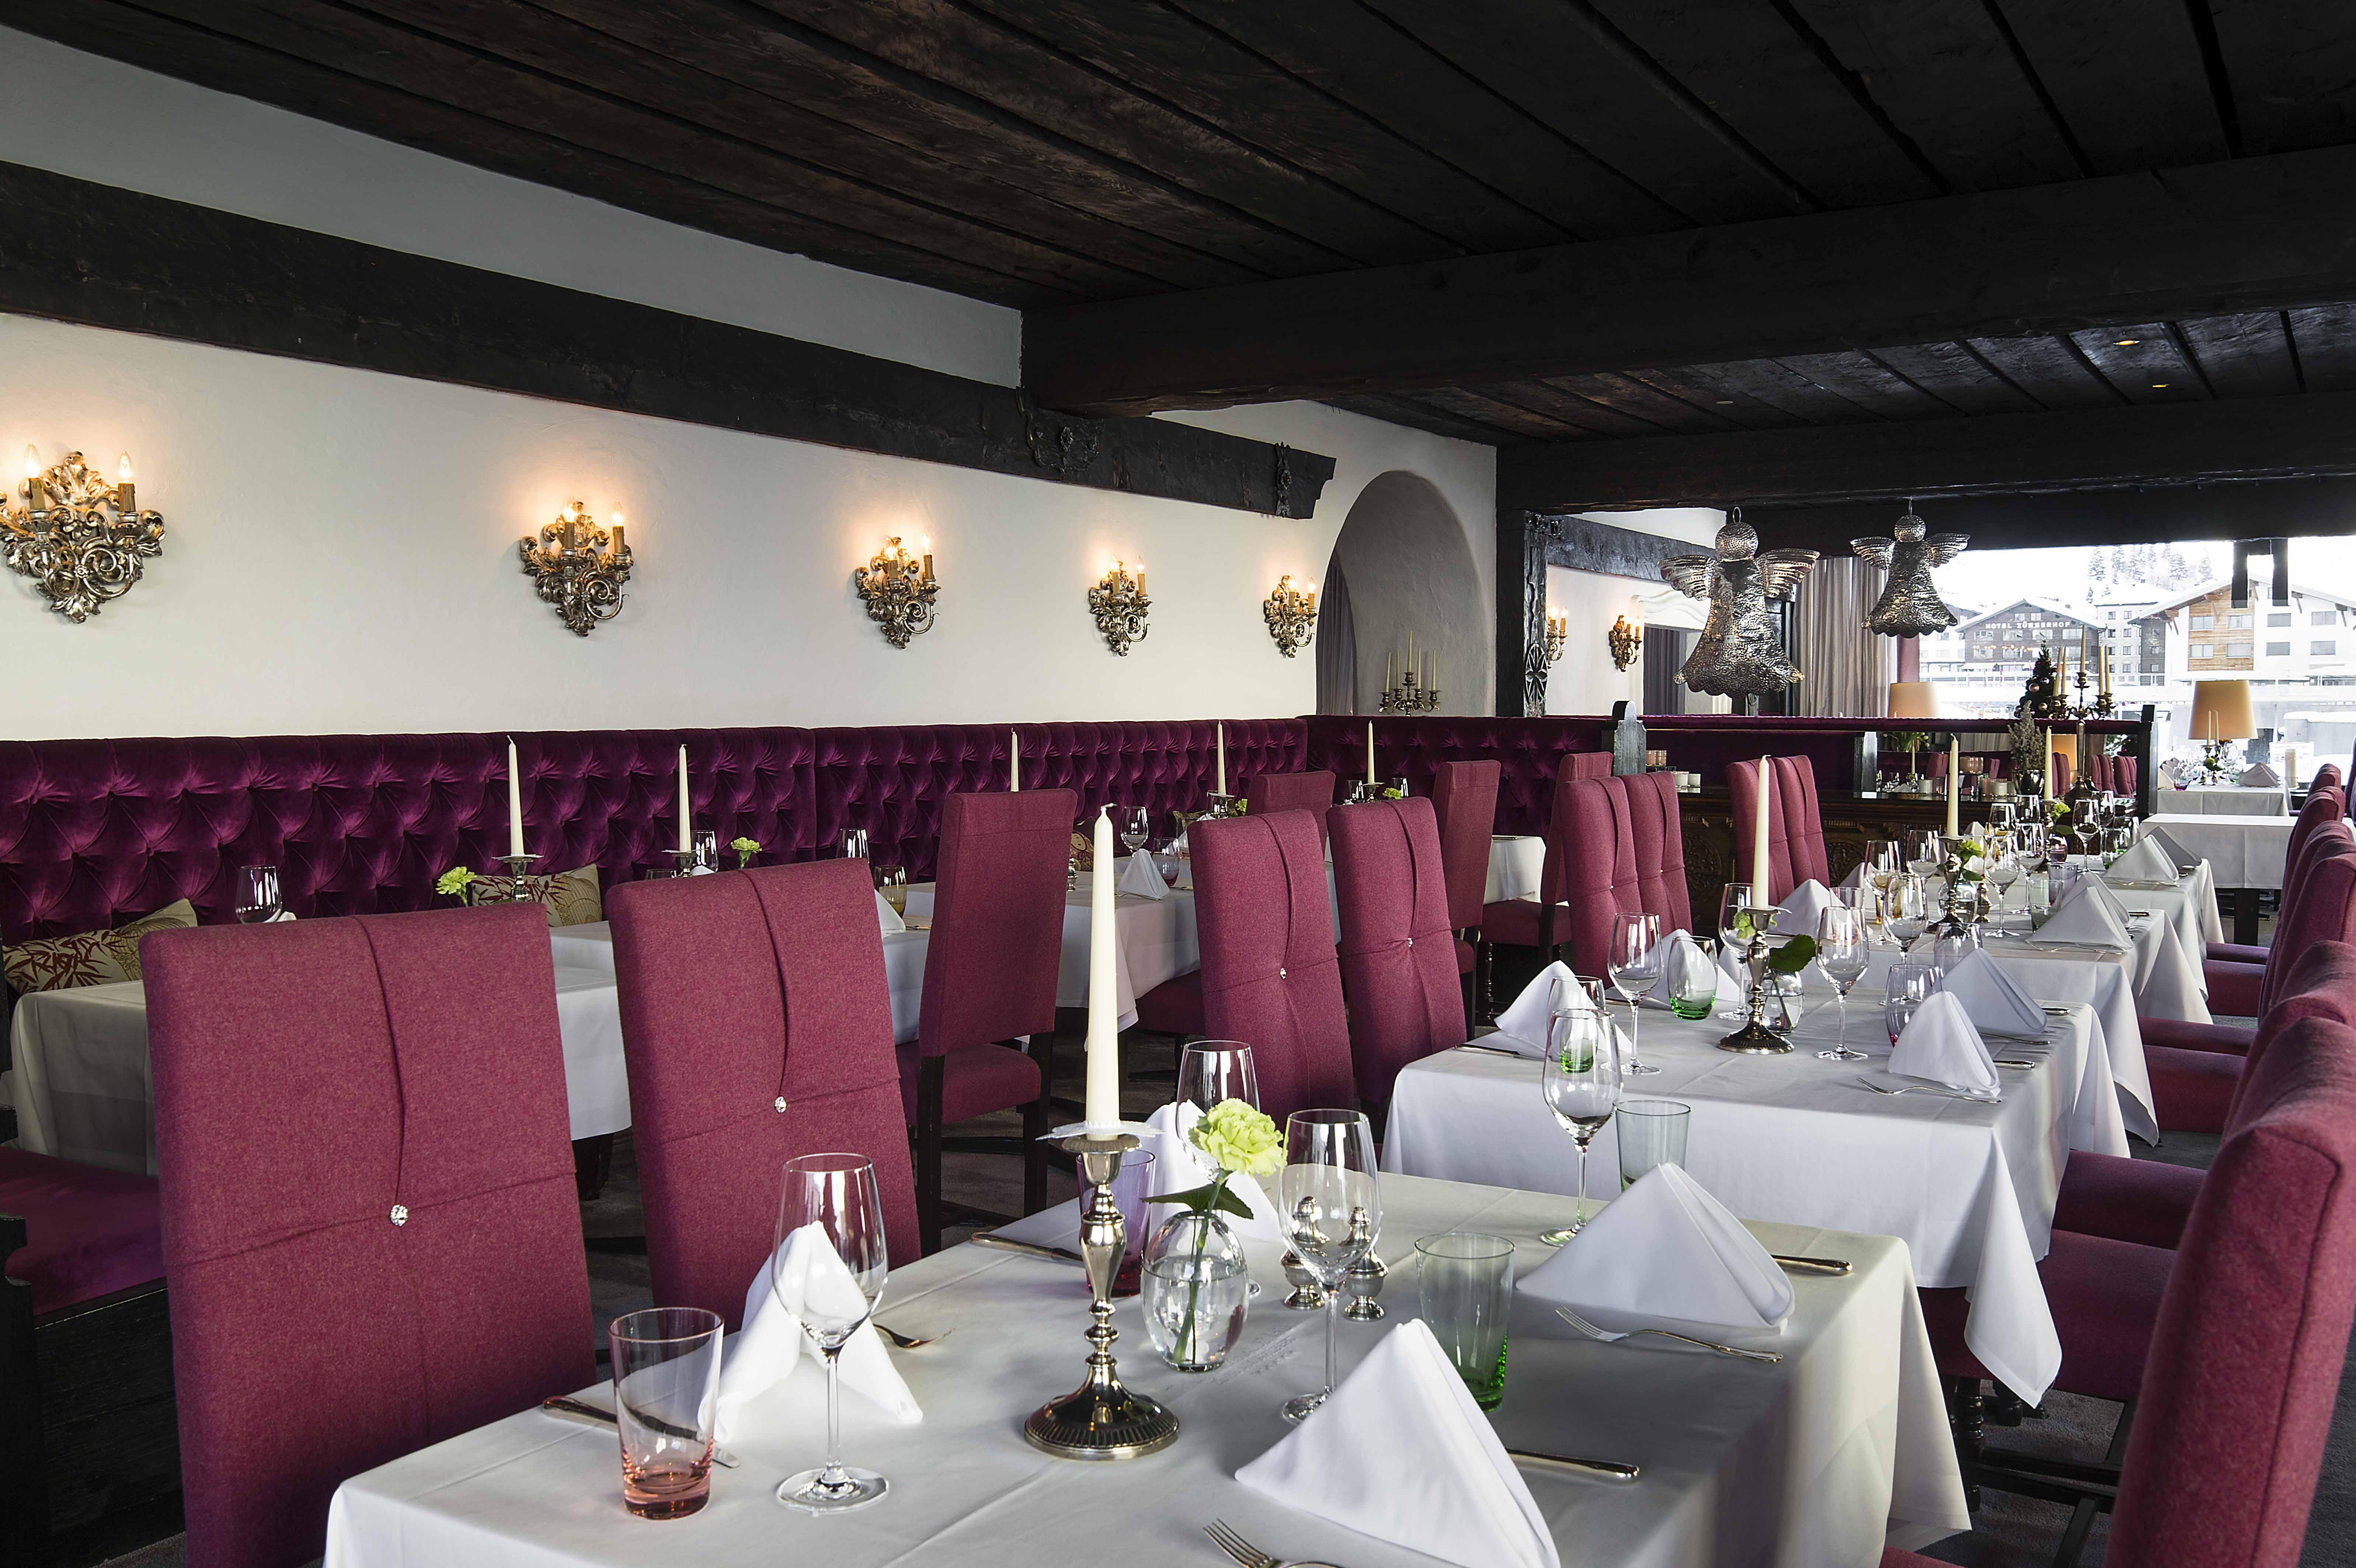 Restaurant Arlberg mit gedeckten Tischen